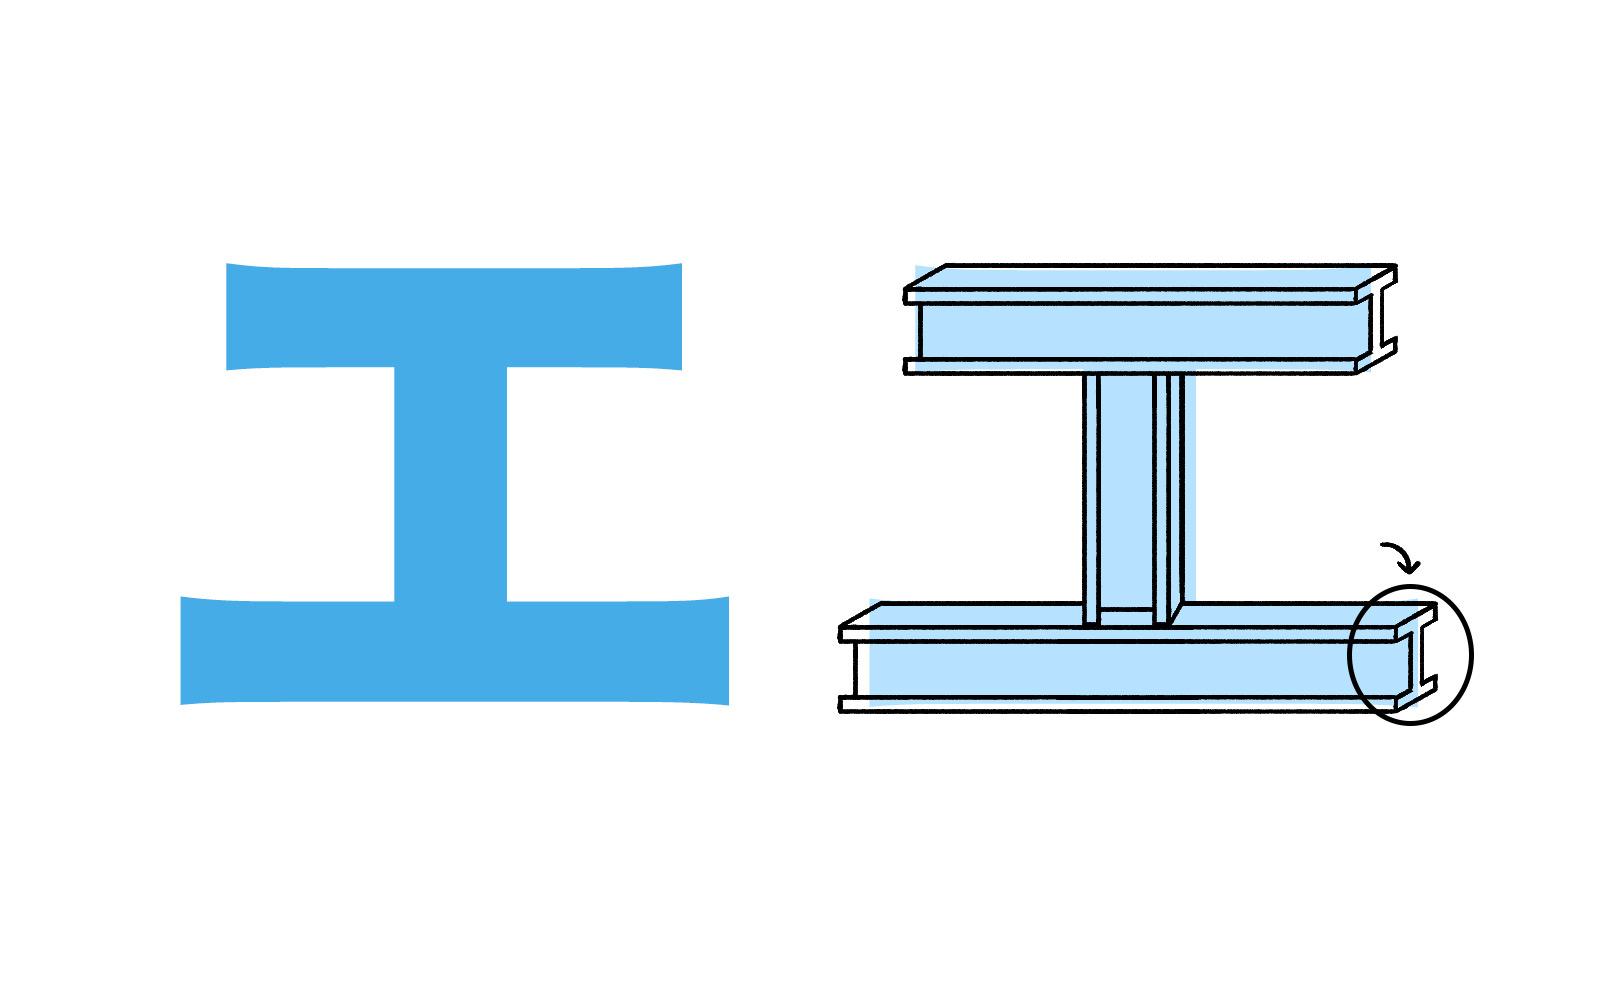 Katakana character エ mnemonic